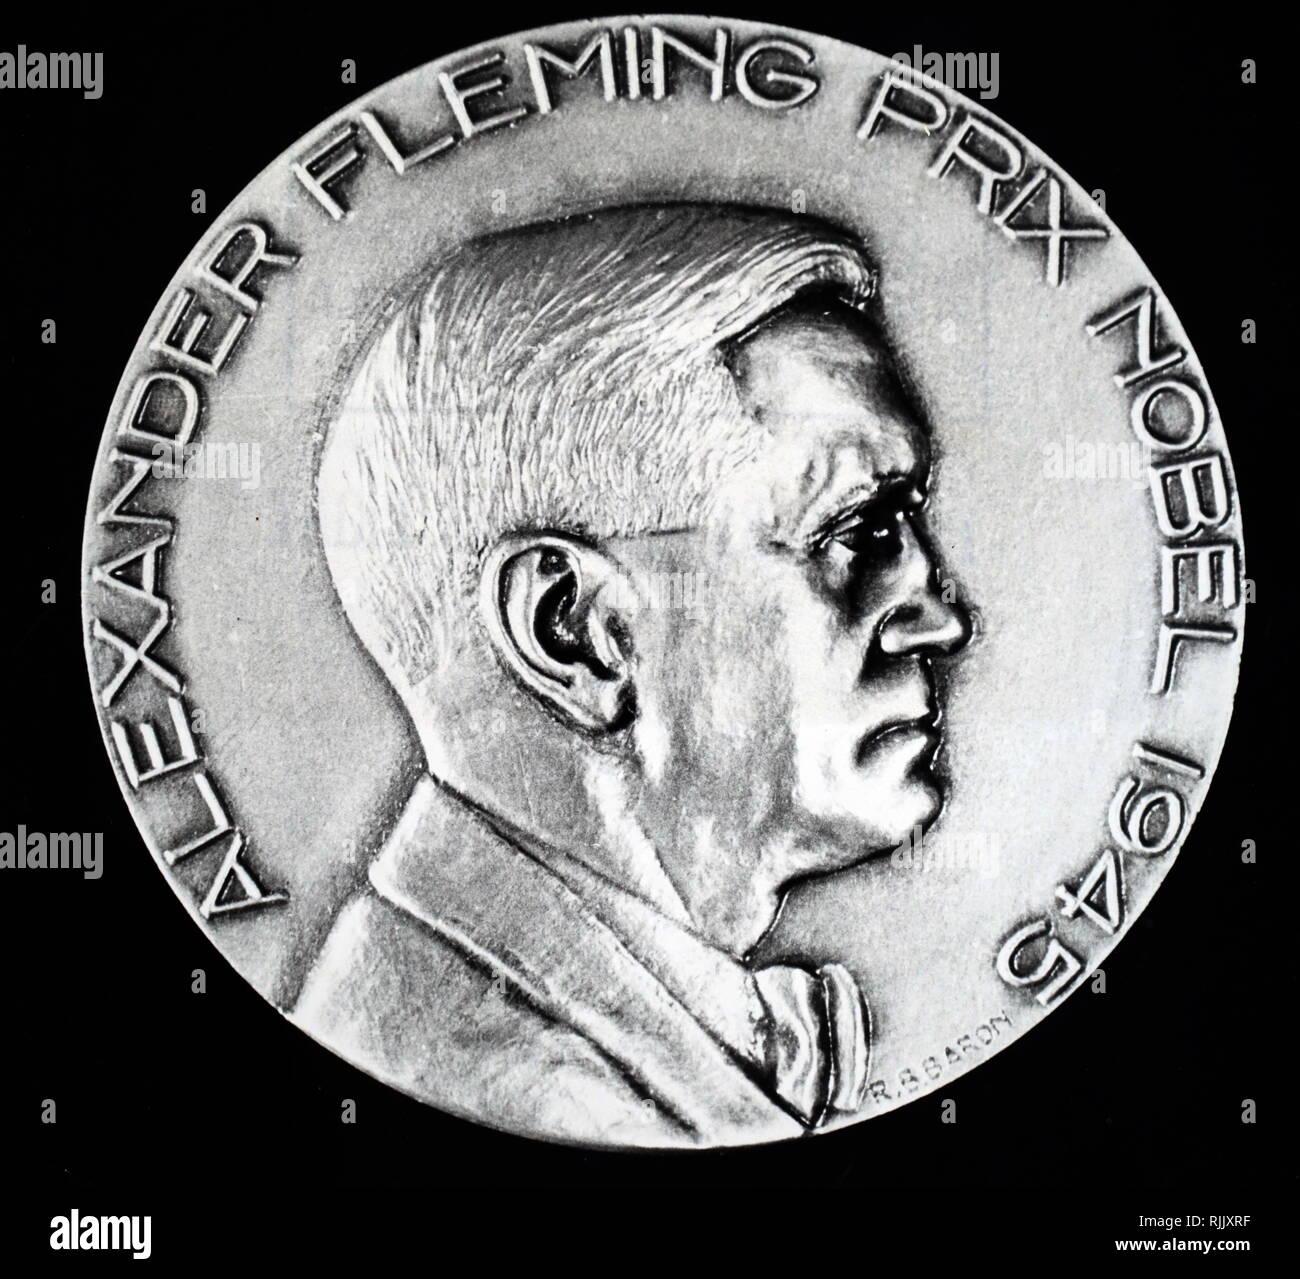 Une médaille commémorant Alexander Fleming, le prix Nobel gagner en 1945. Alexander Fleming (1881-1955) un médecin écossais, microbiologiste, et pharmacologue. En date du 20e siècle Photo Stock